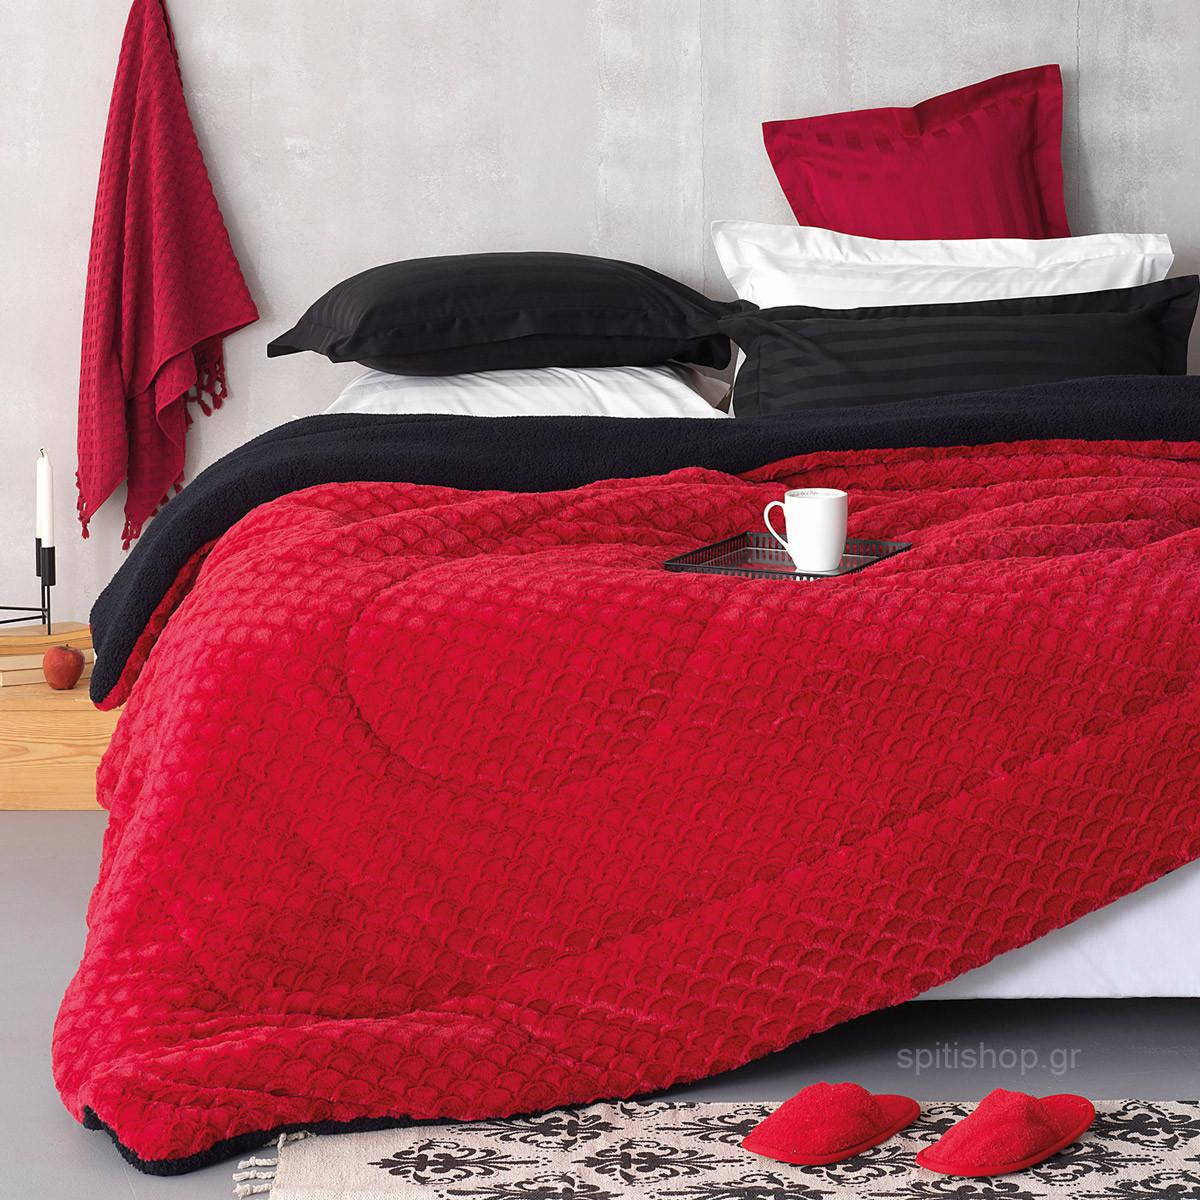 Κουβερτοπάπλωμα Υπέρδιπλο Palamaiki Lyria home   κρεβατοκάμαρα   παπλώματα   κουβερτοπαπλώματα